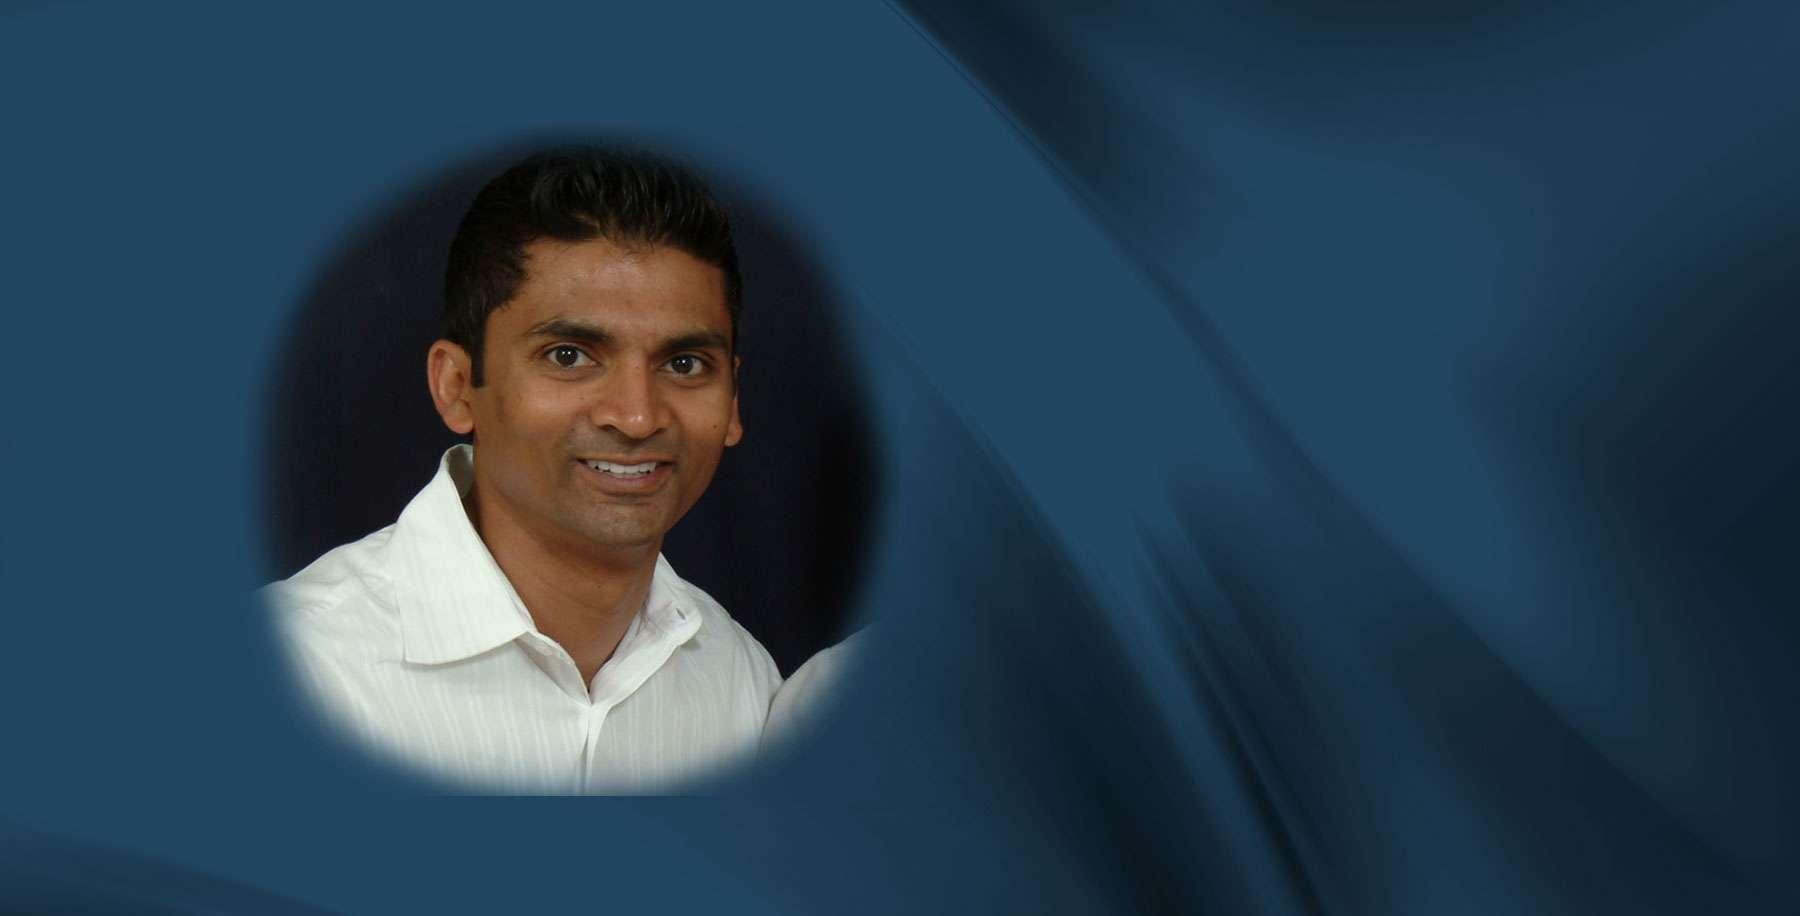 Dr. Prashant Patel